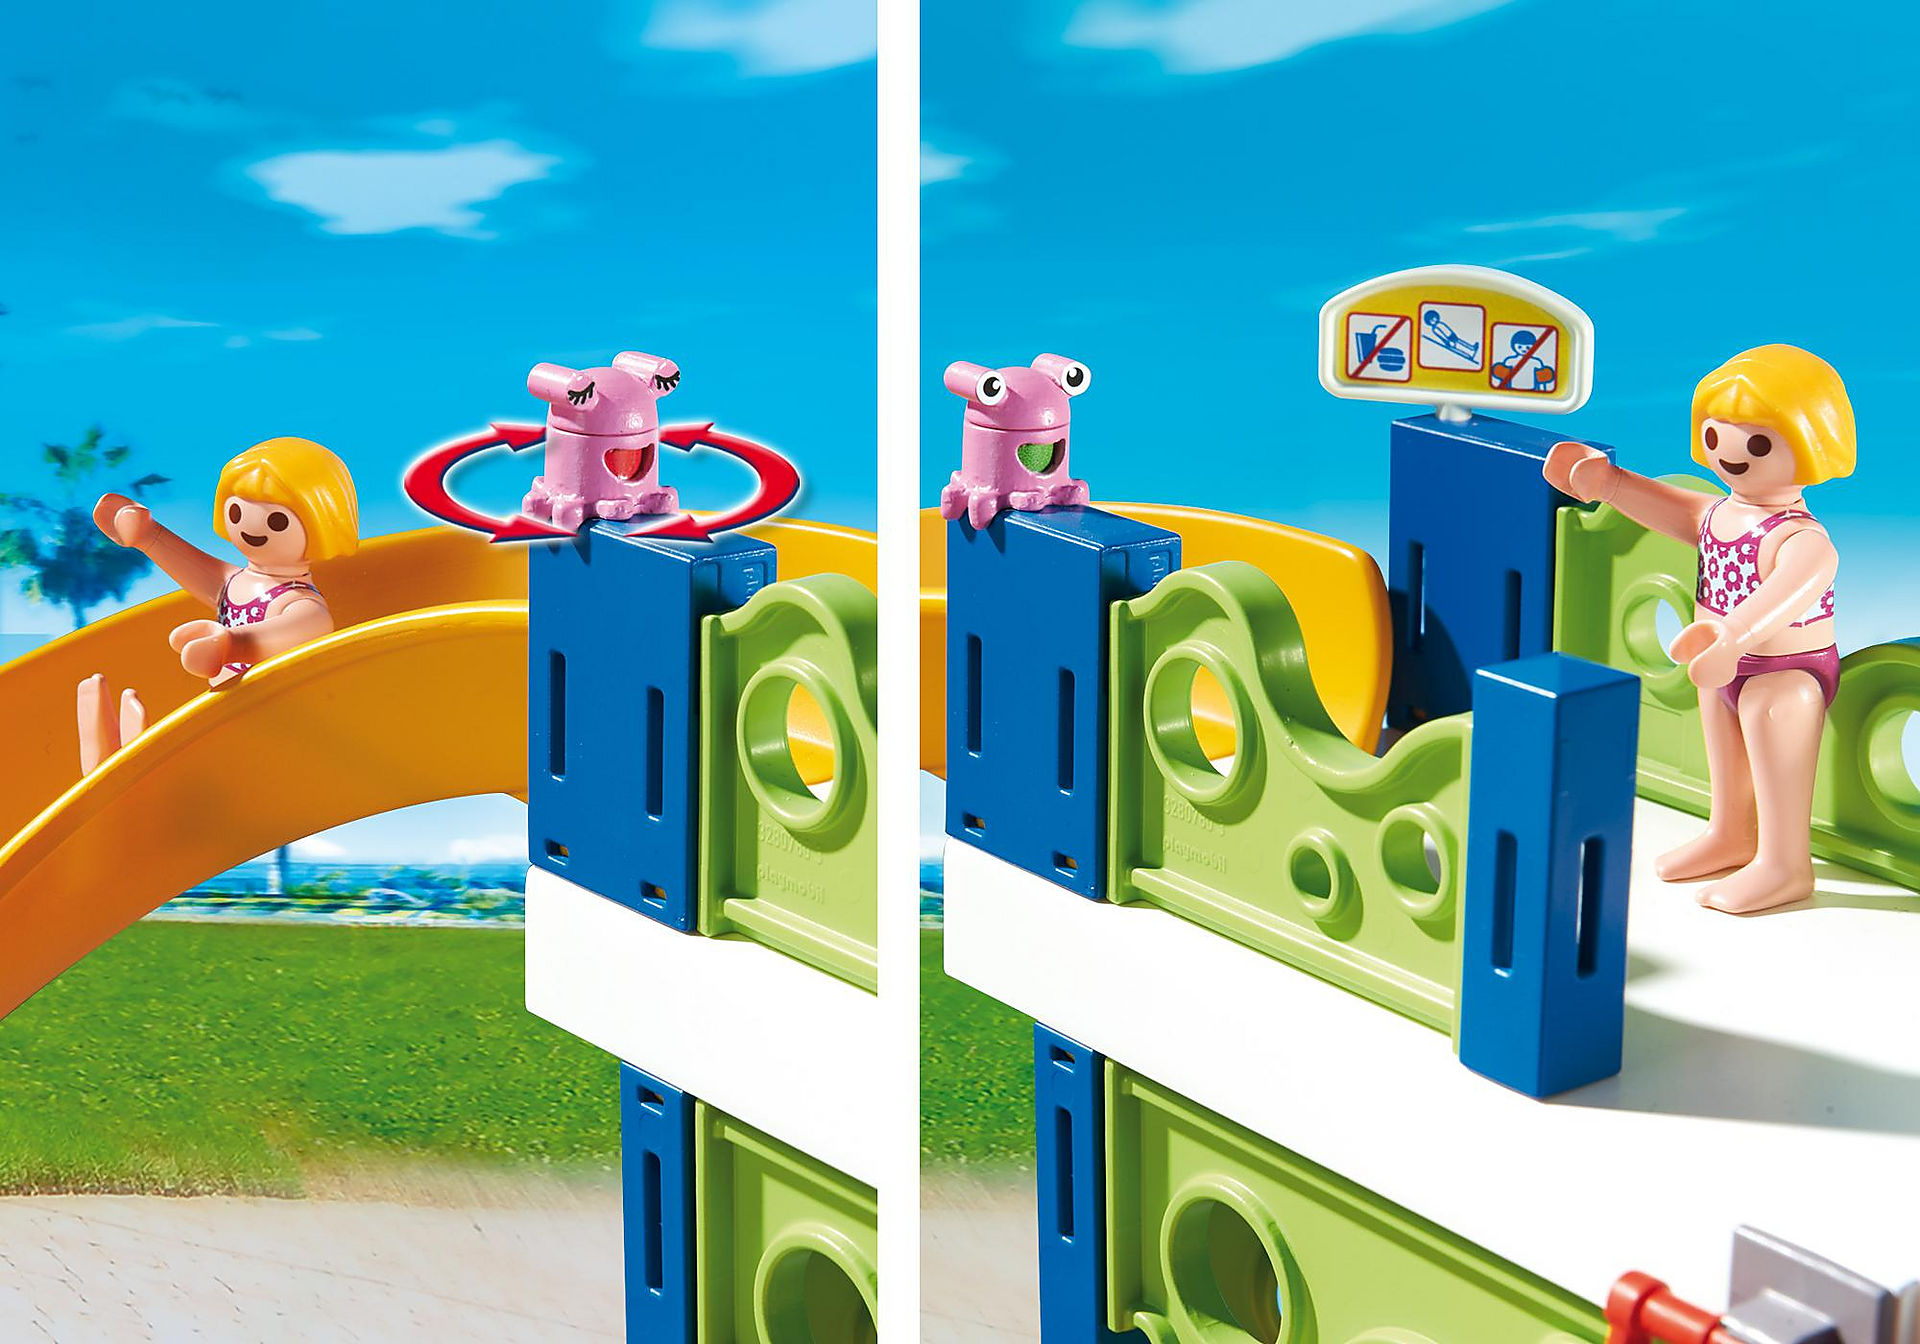 6669 Torre degli scivoli con piscina zoom image7